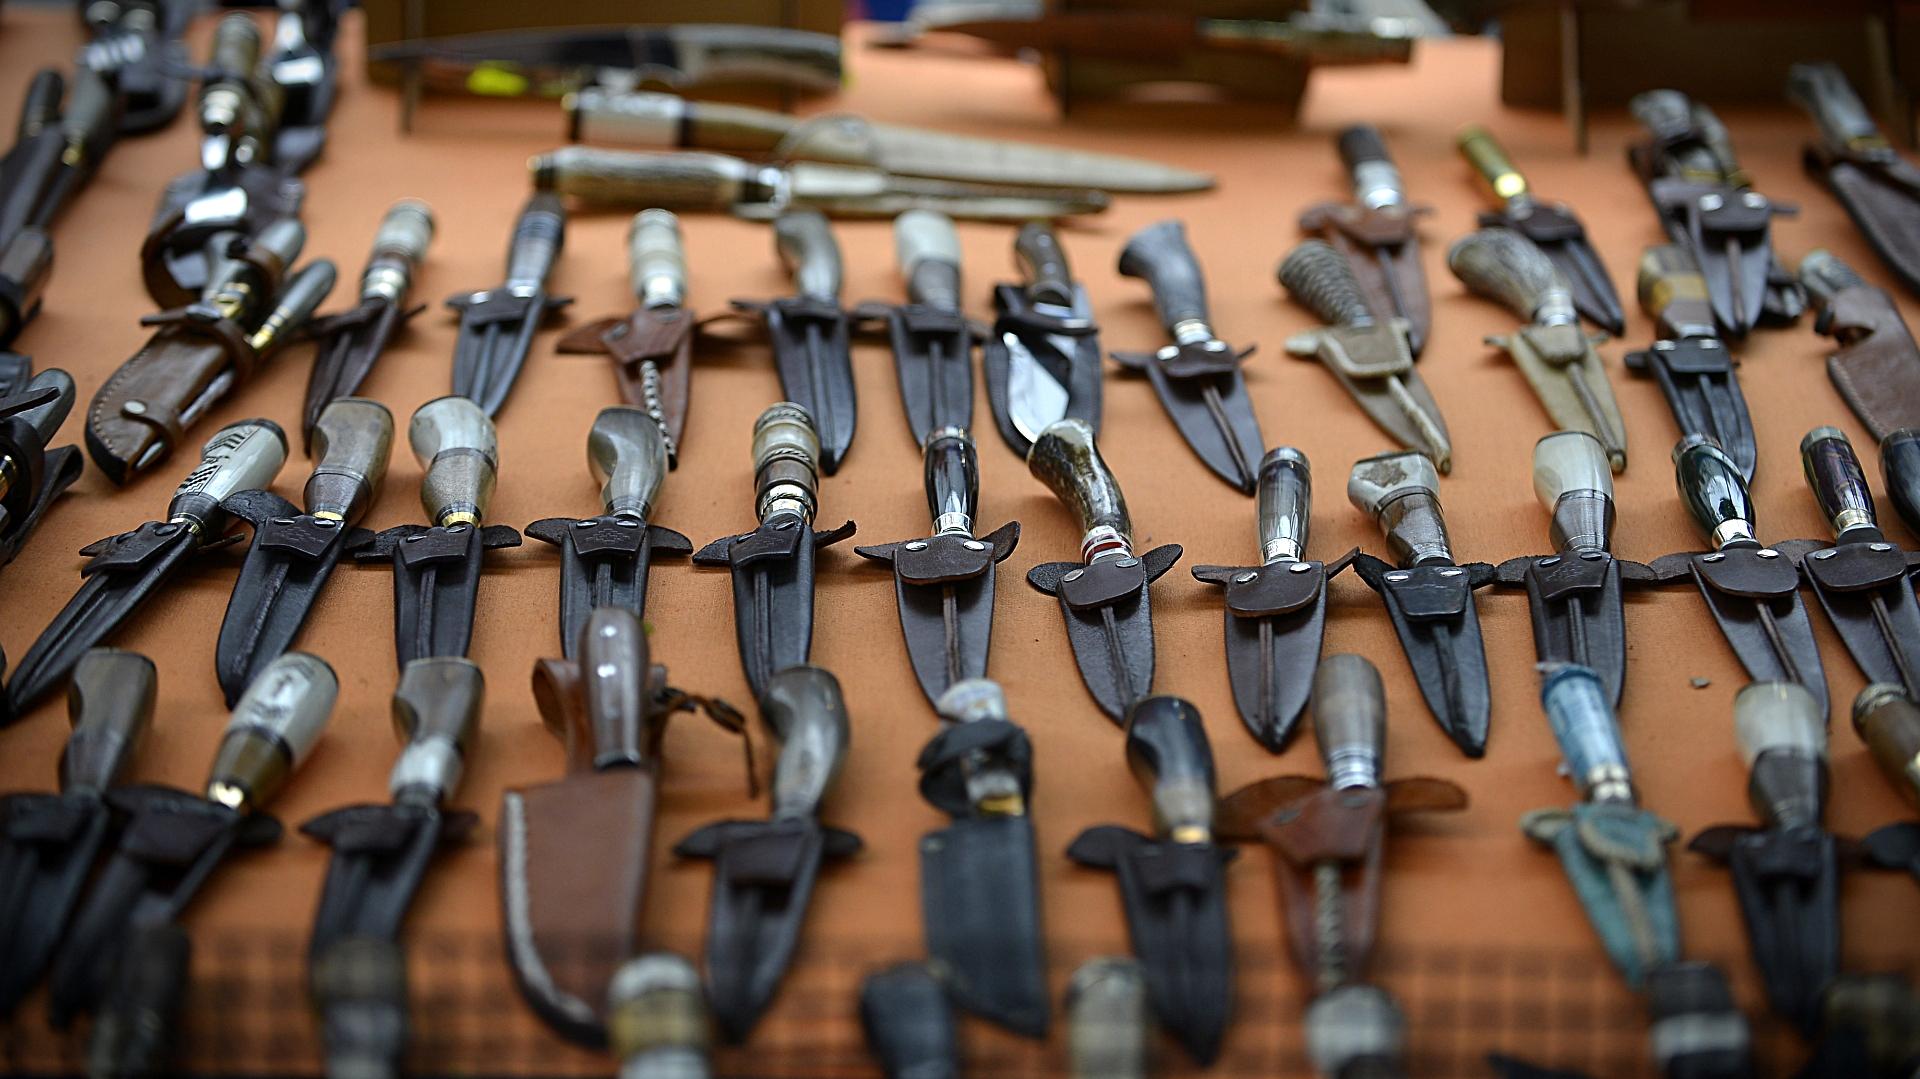 Un stand con diferentes clases y tamaños de cuchillos